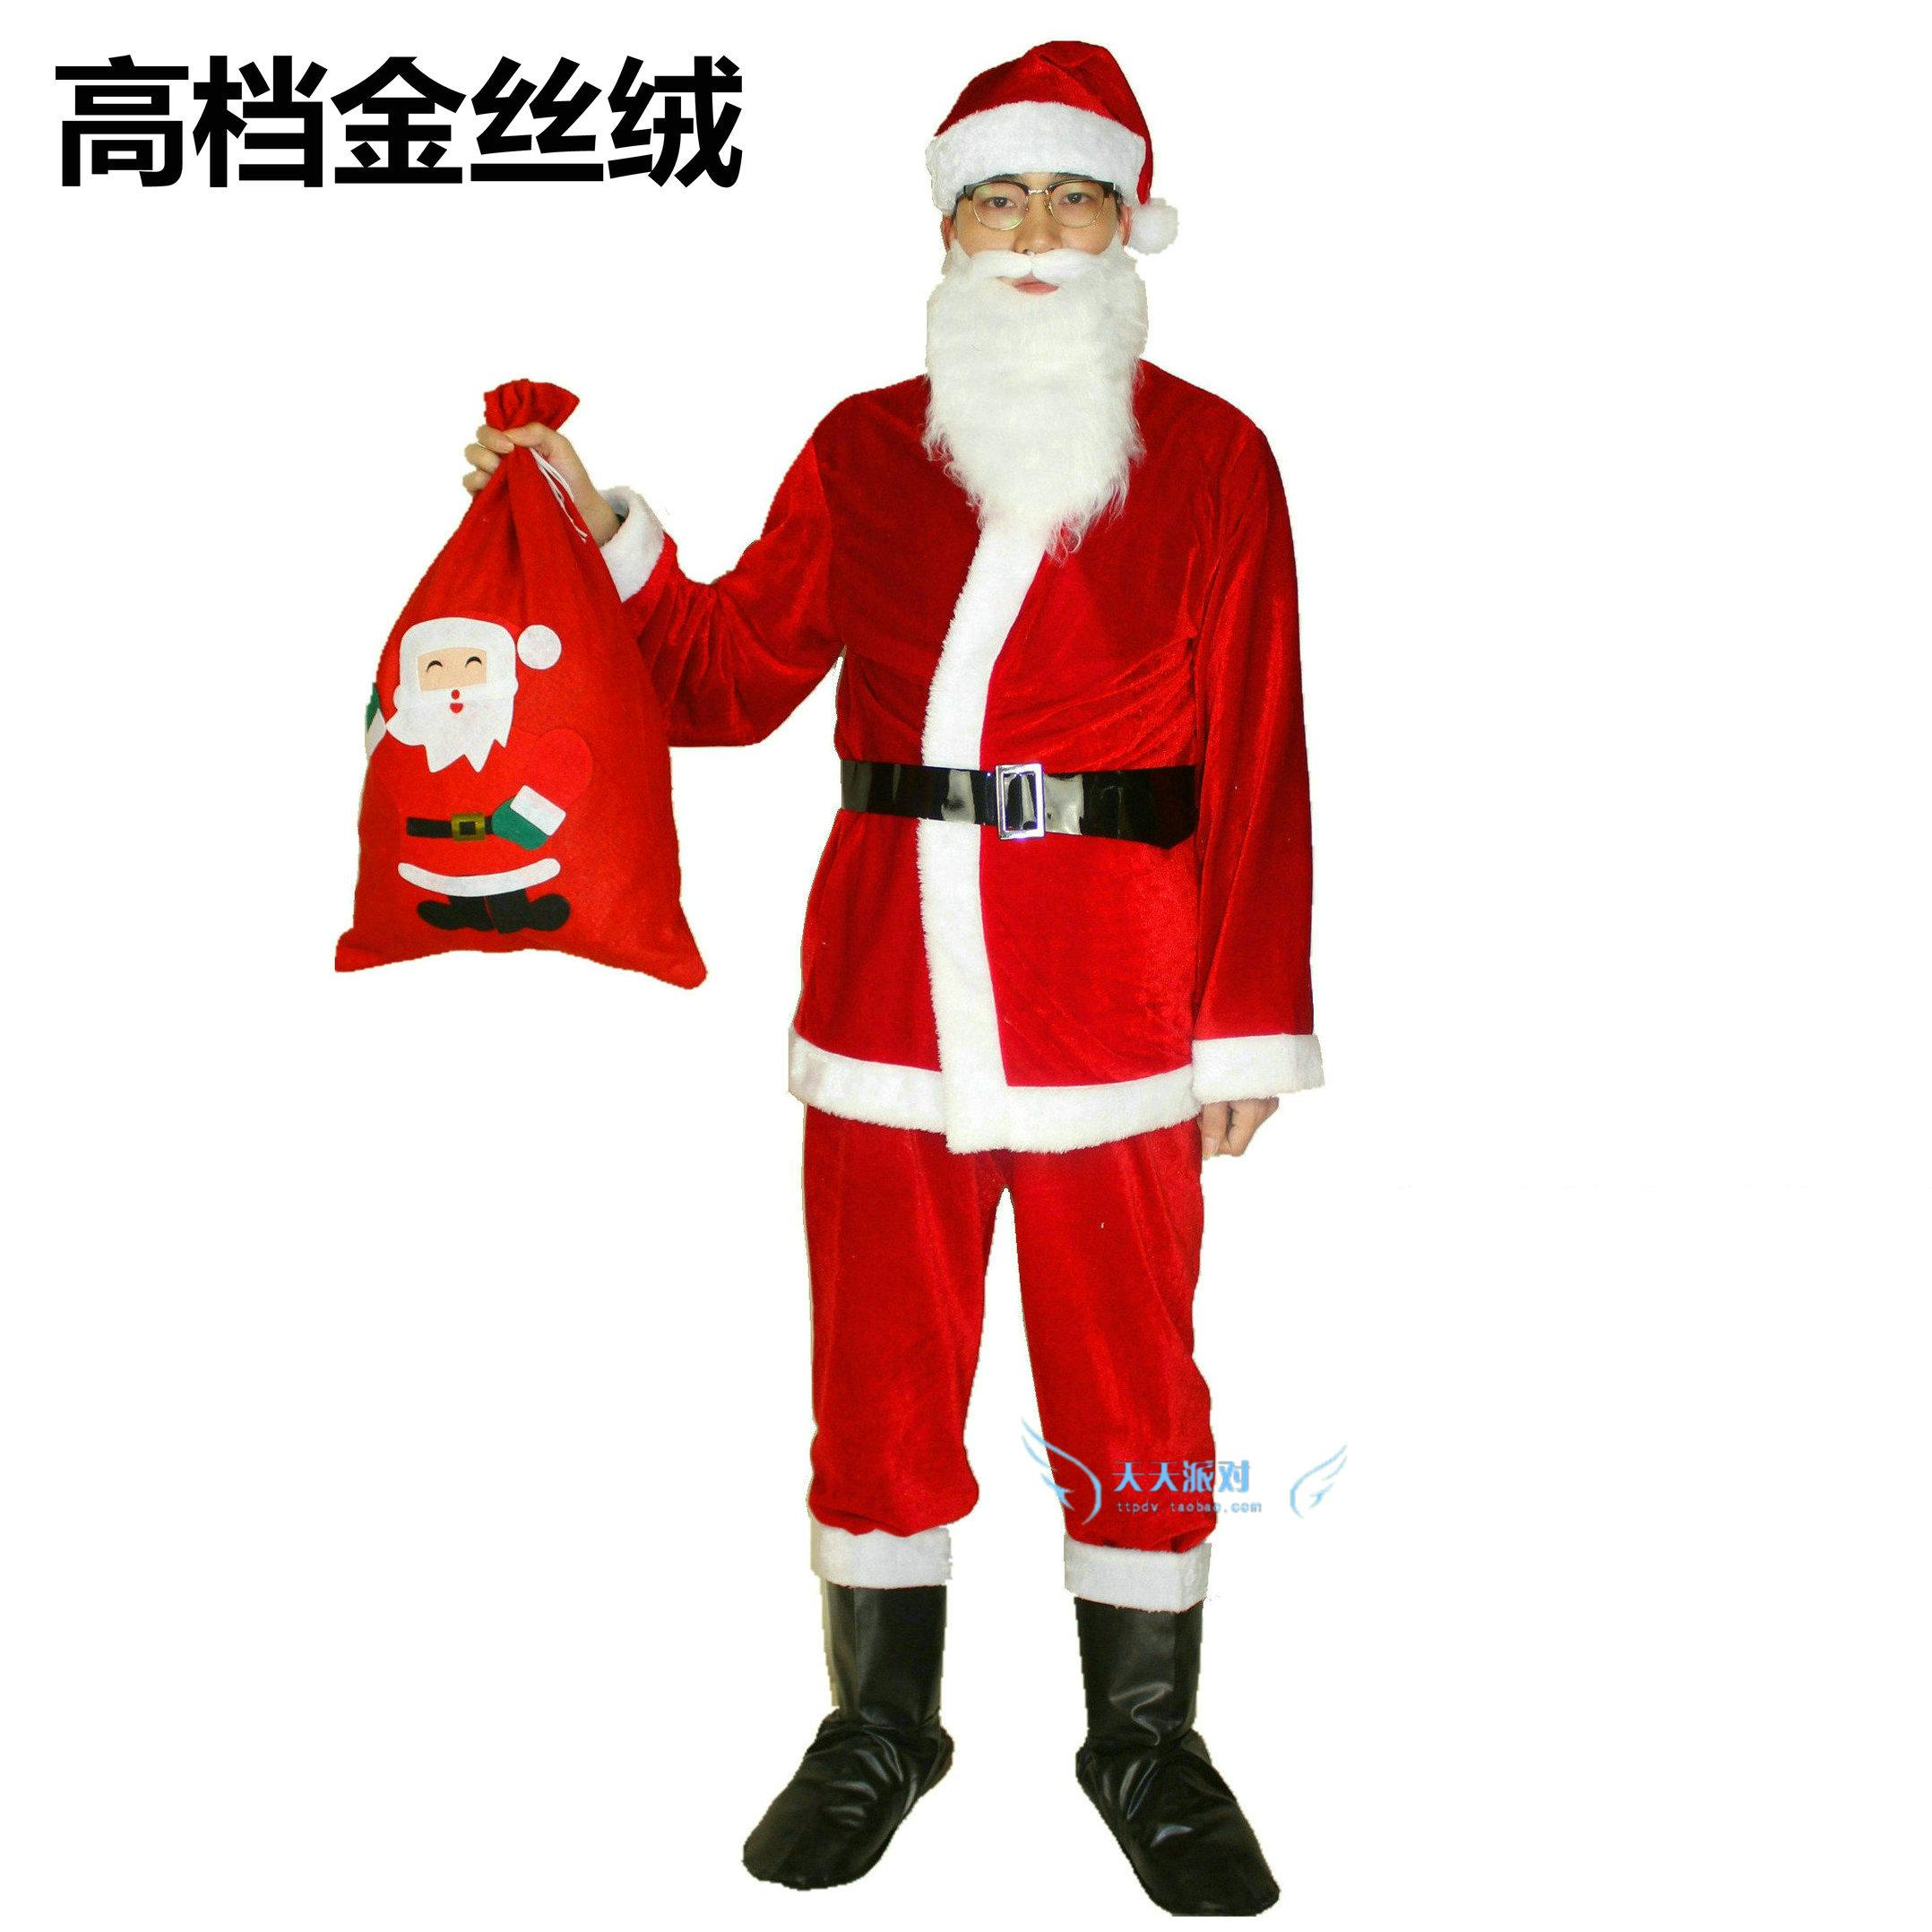 Рождество одежда украшения санта-клаус одежда санта-клаус одежда мужчина мисс для взрослых установите